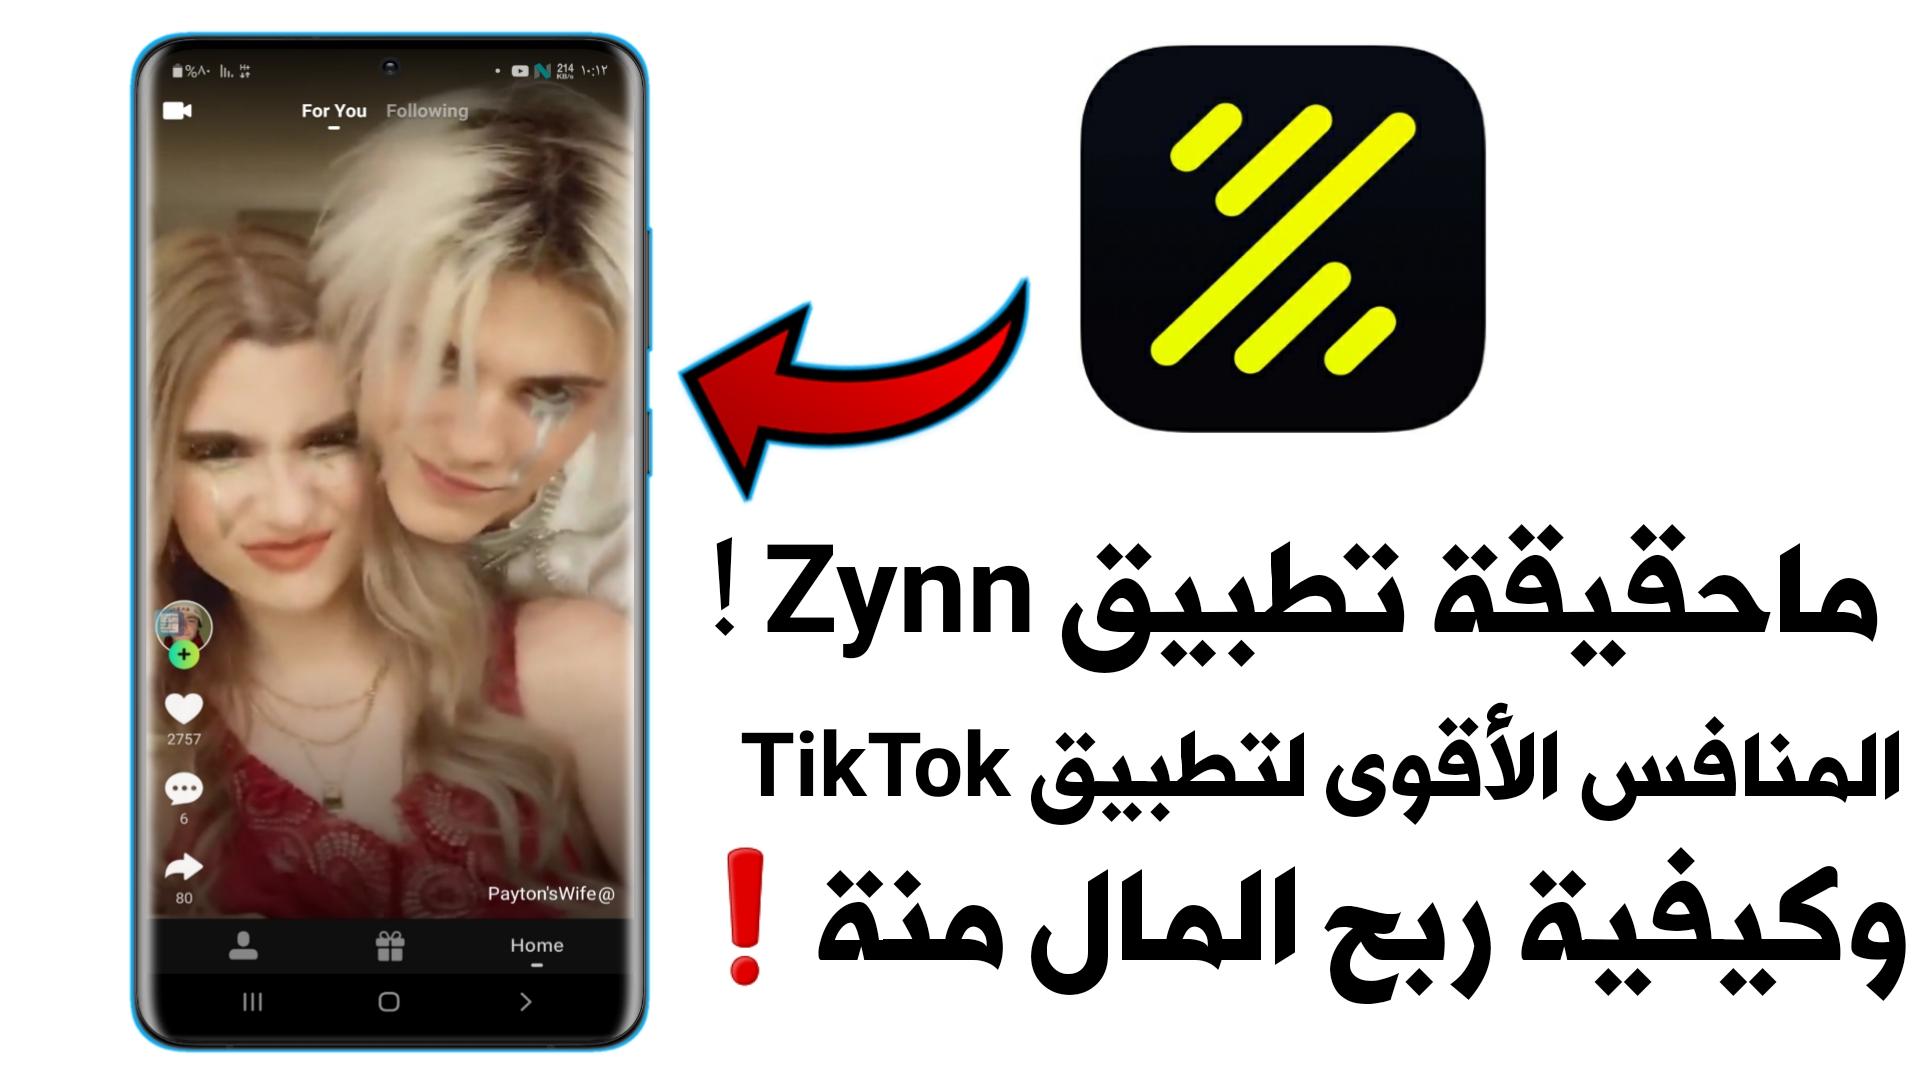 تعرف على حقيقة تطبيق Zynn المنافس لأقوى لتطبيق TikTok وكيفية ربح 110 دولار منة